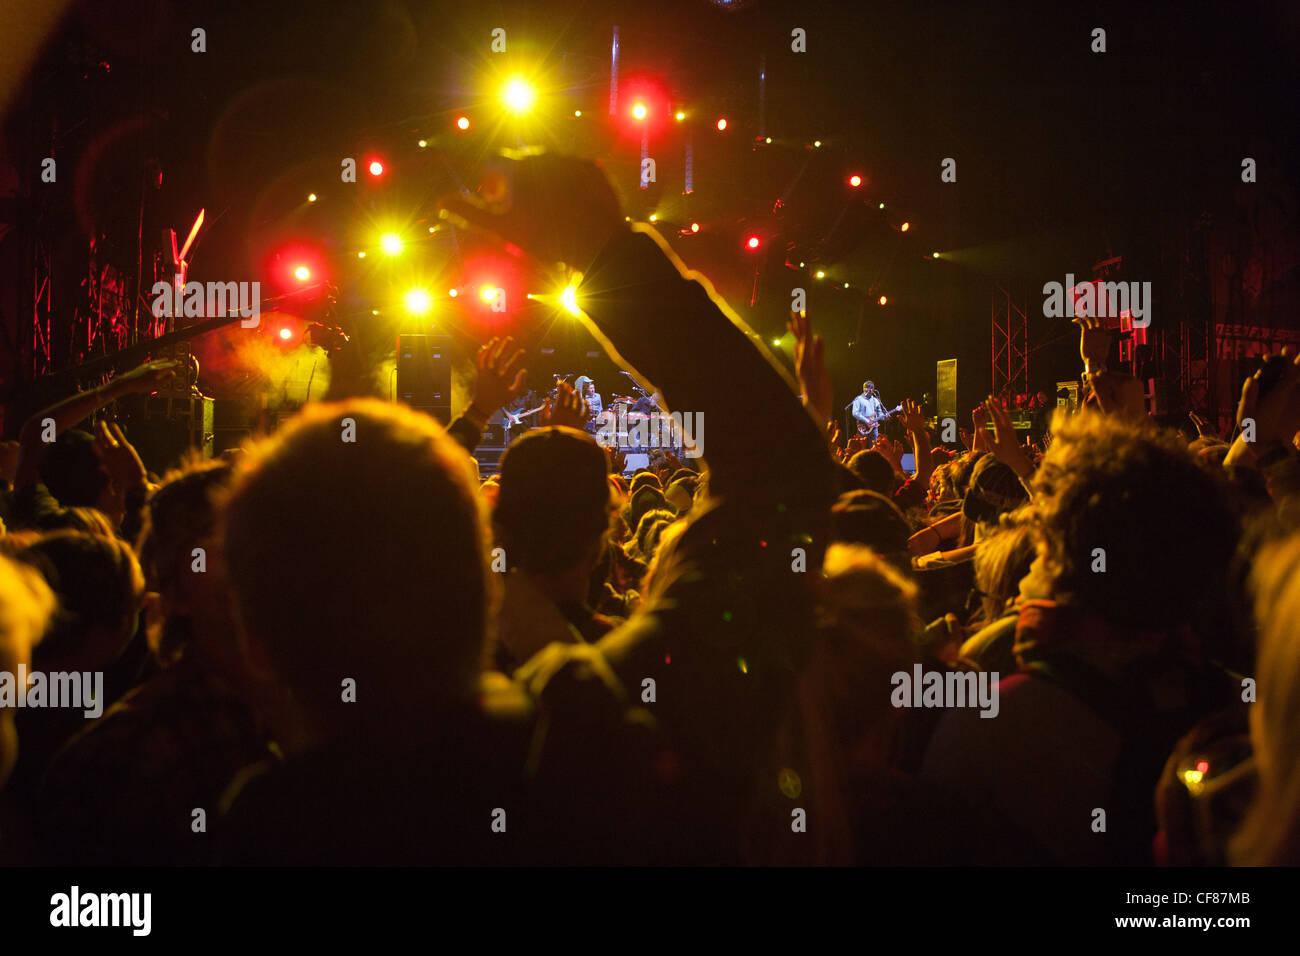 Multitud vitoreando en un concierto al aire libre en la noche. Foto de stock